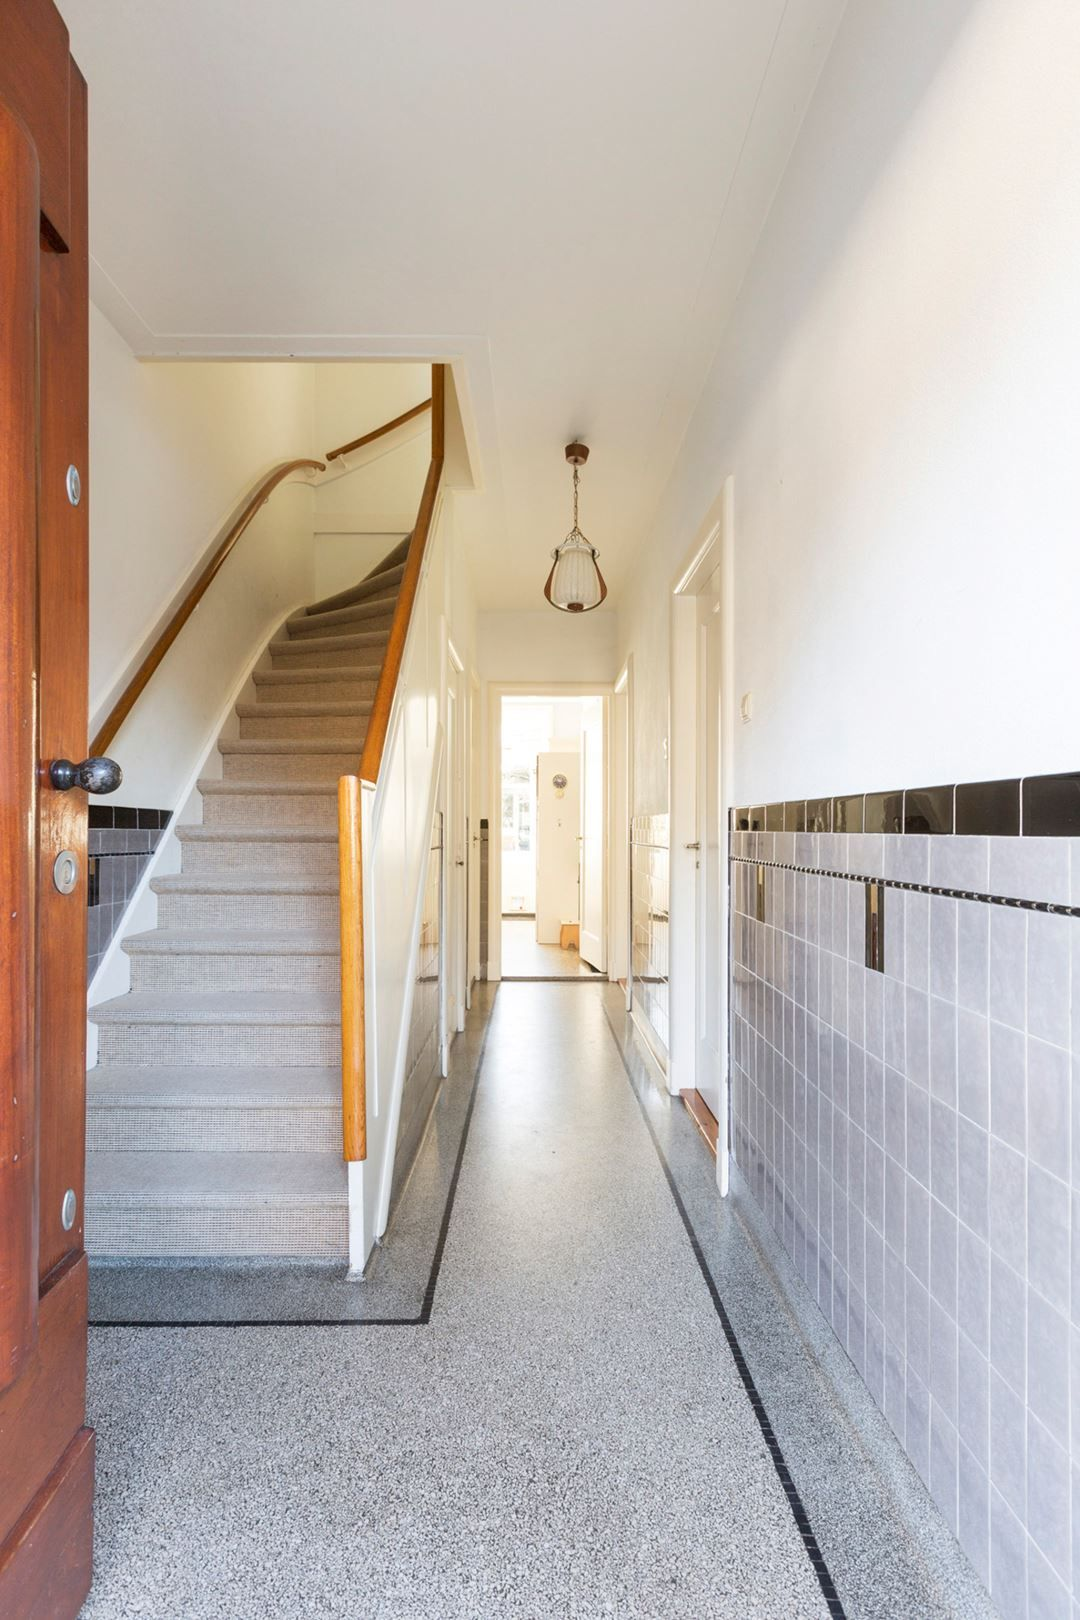 Huis Te Koop Galvanistraat 16 3817 Kp Amersfoort Funda In